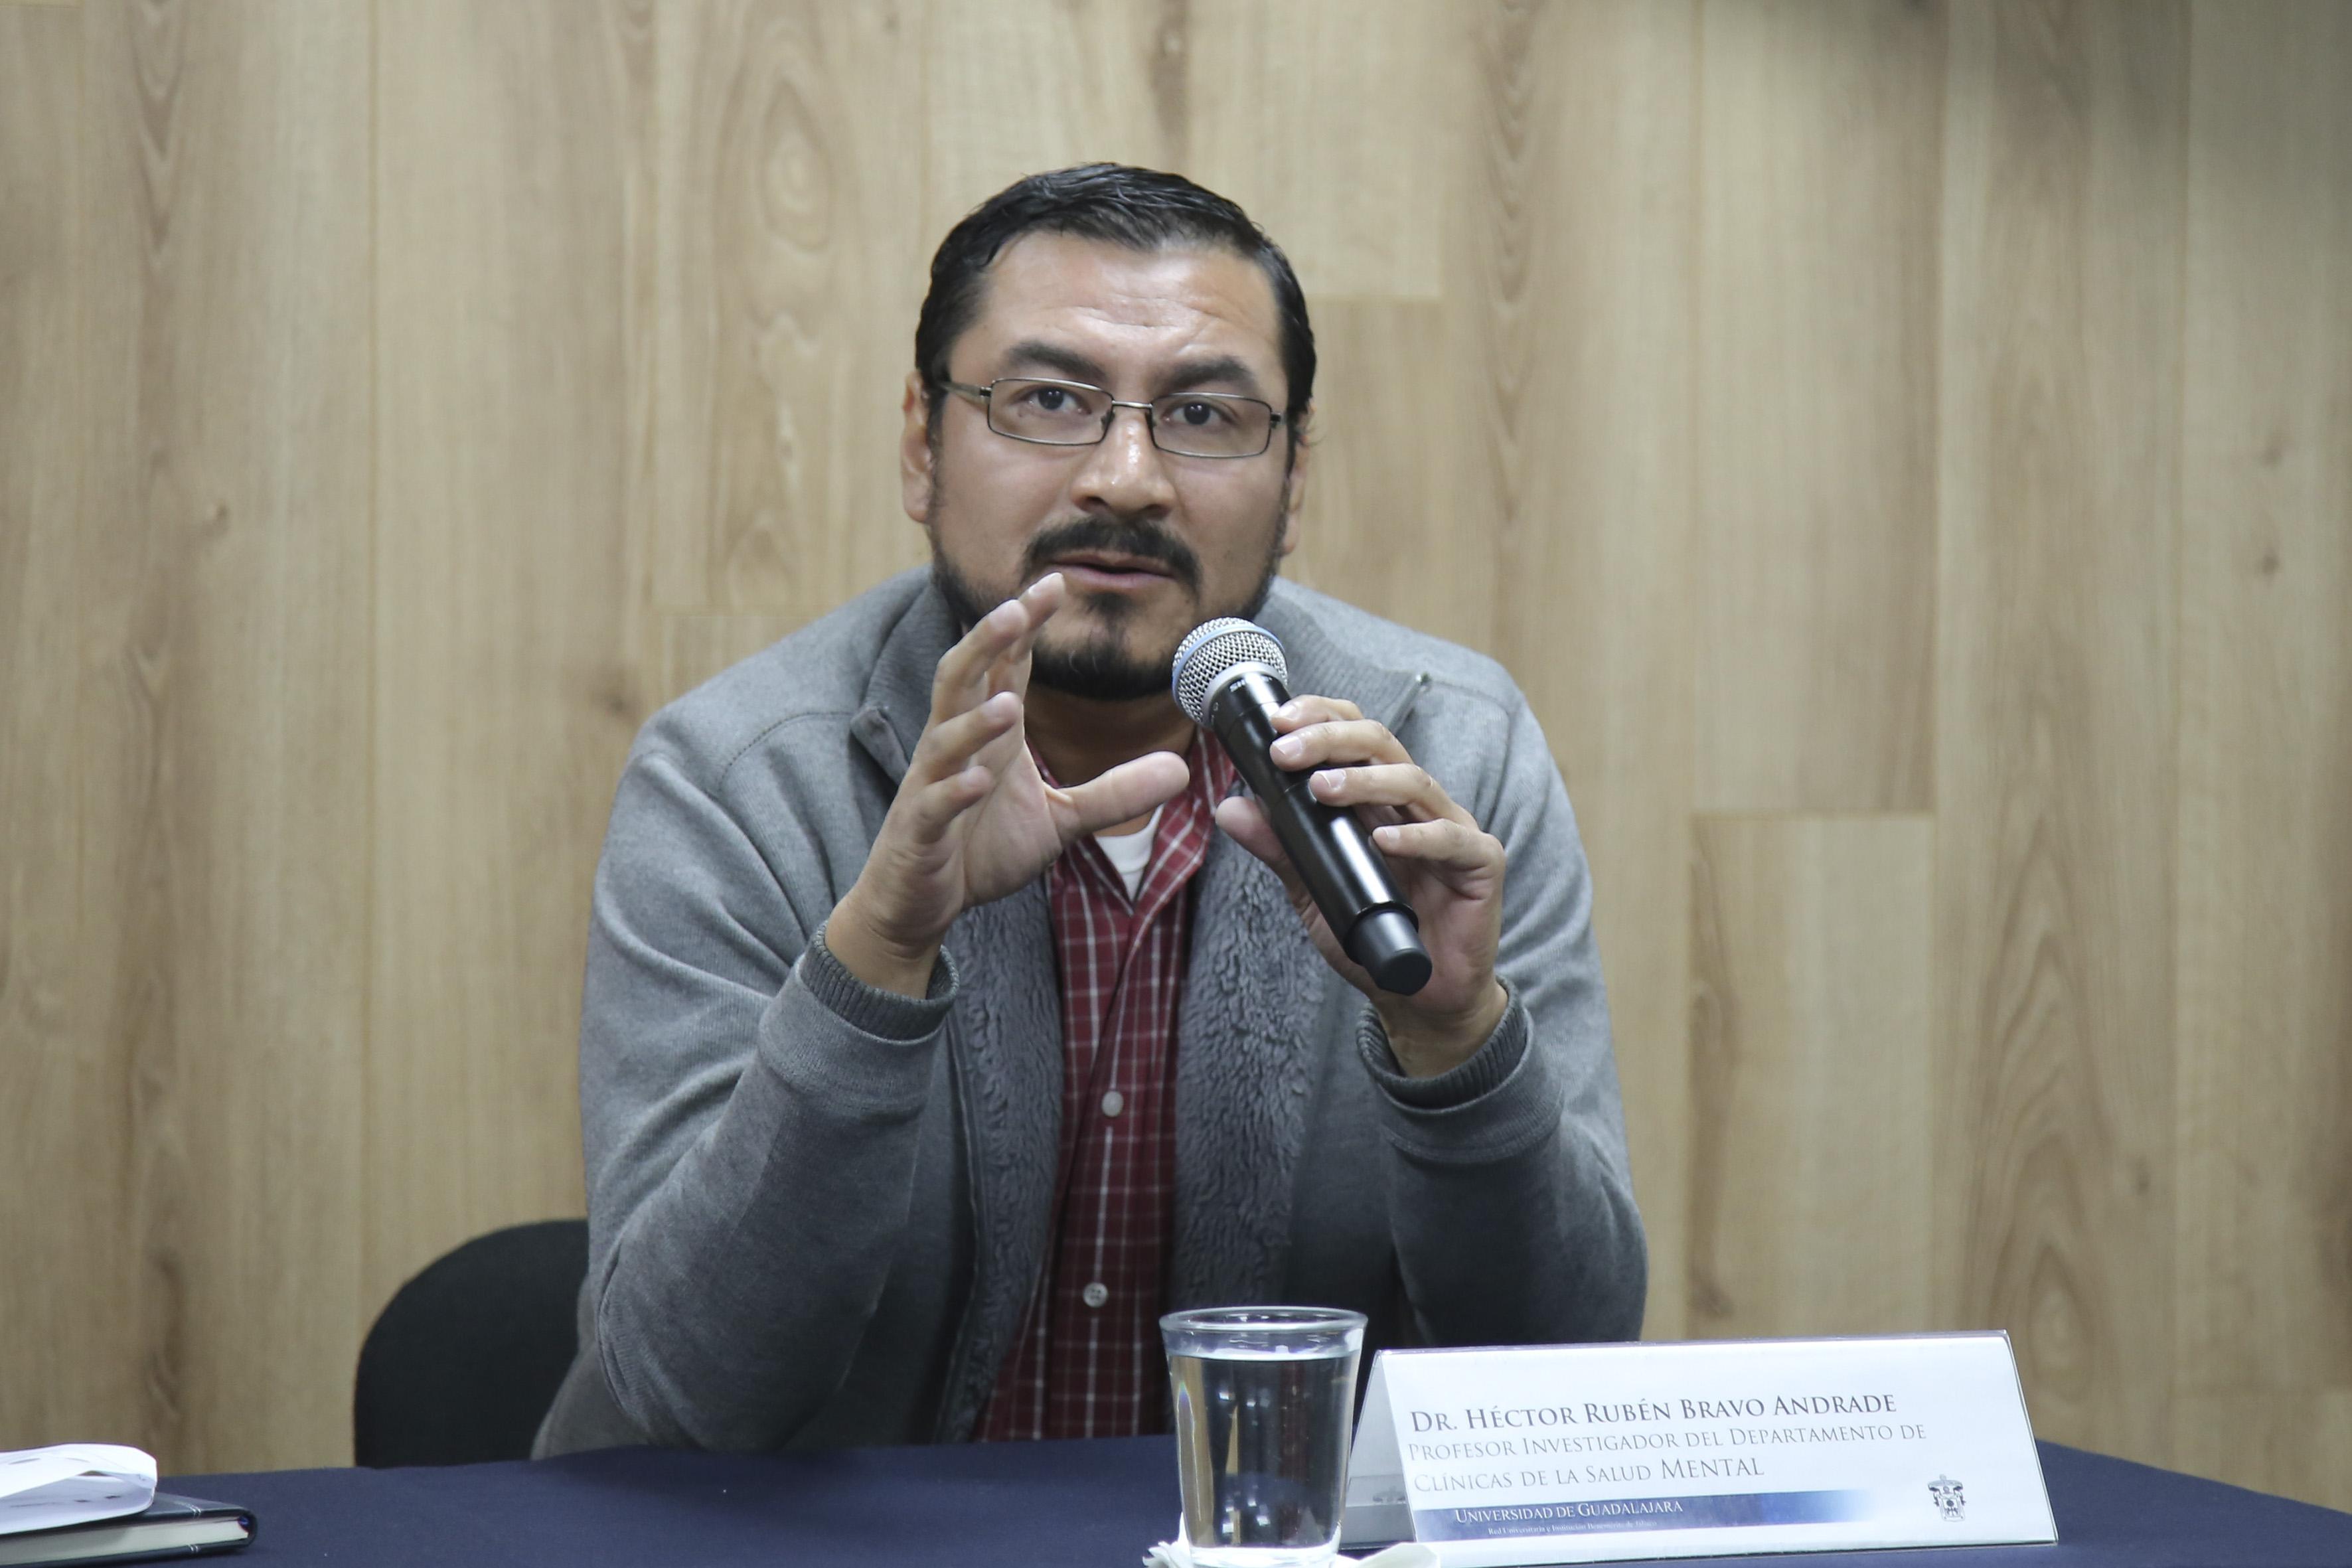 Héctor Rubén Bravo Andrade exponiendo en rueda de prensa